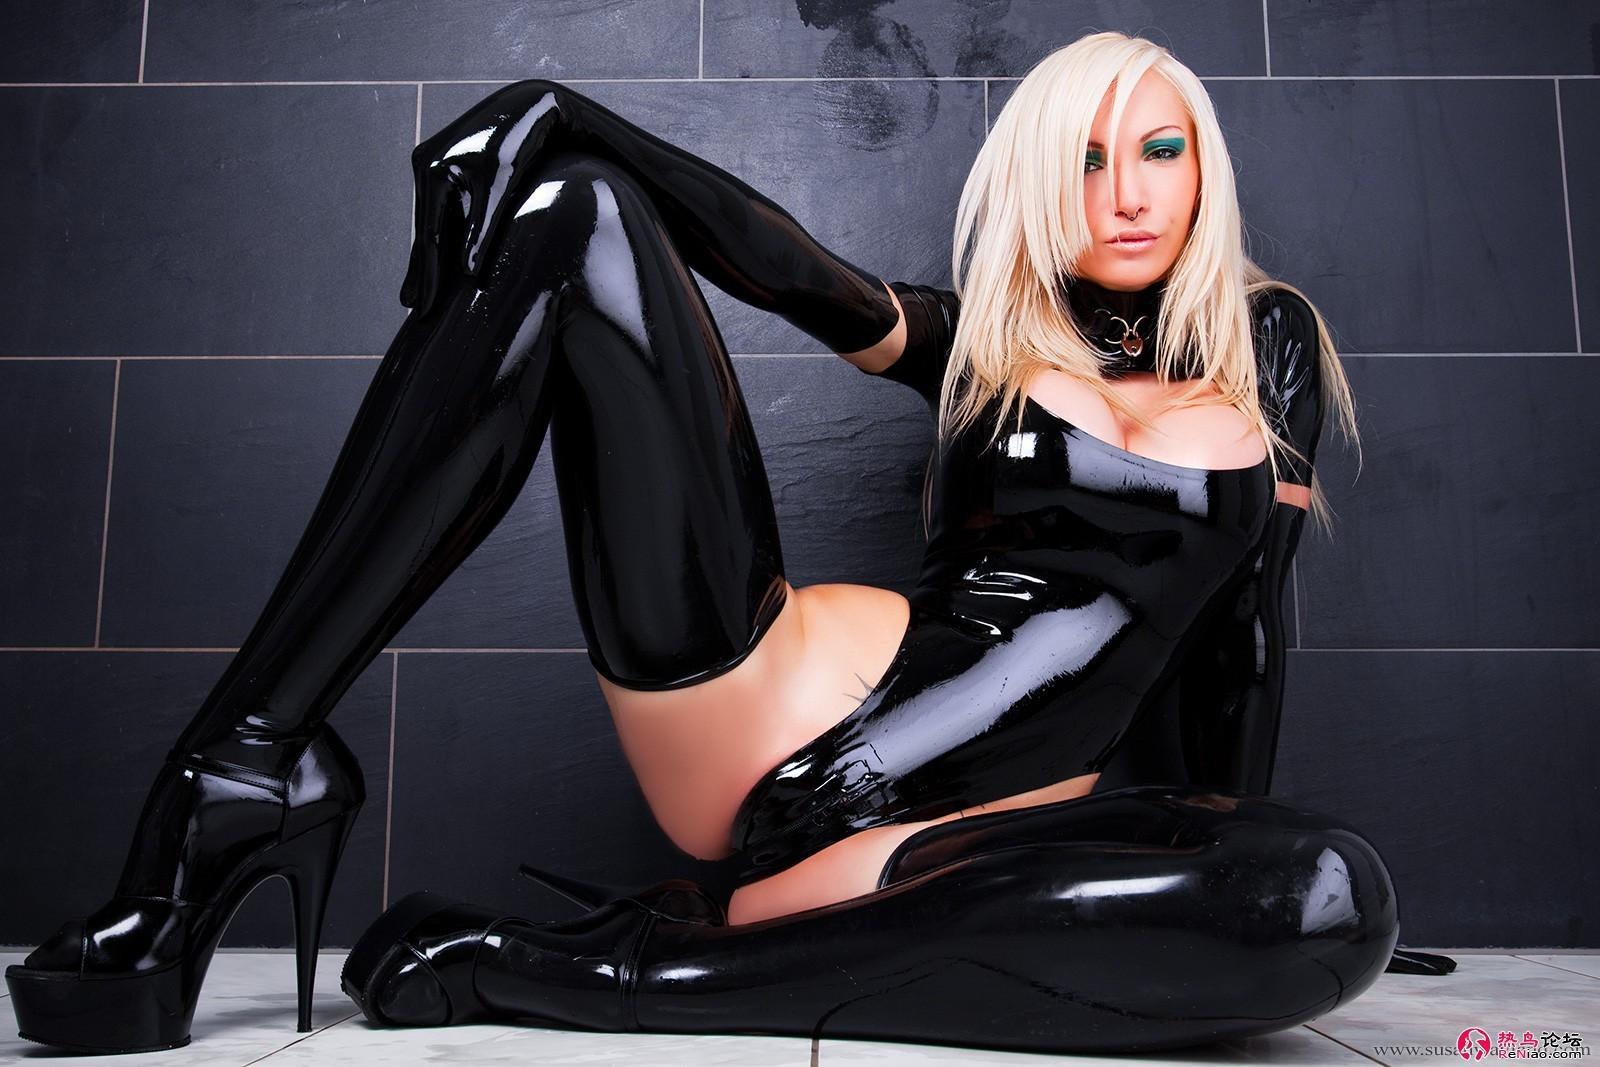 Blonde pulpeuse en bottes de cuir se fait prendre sur le lit - 1 part 2